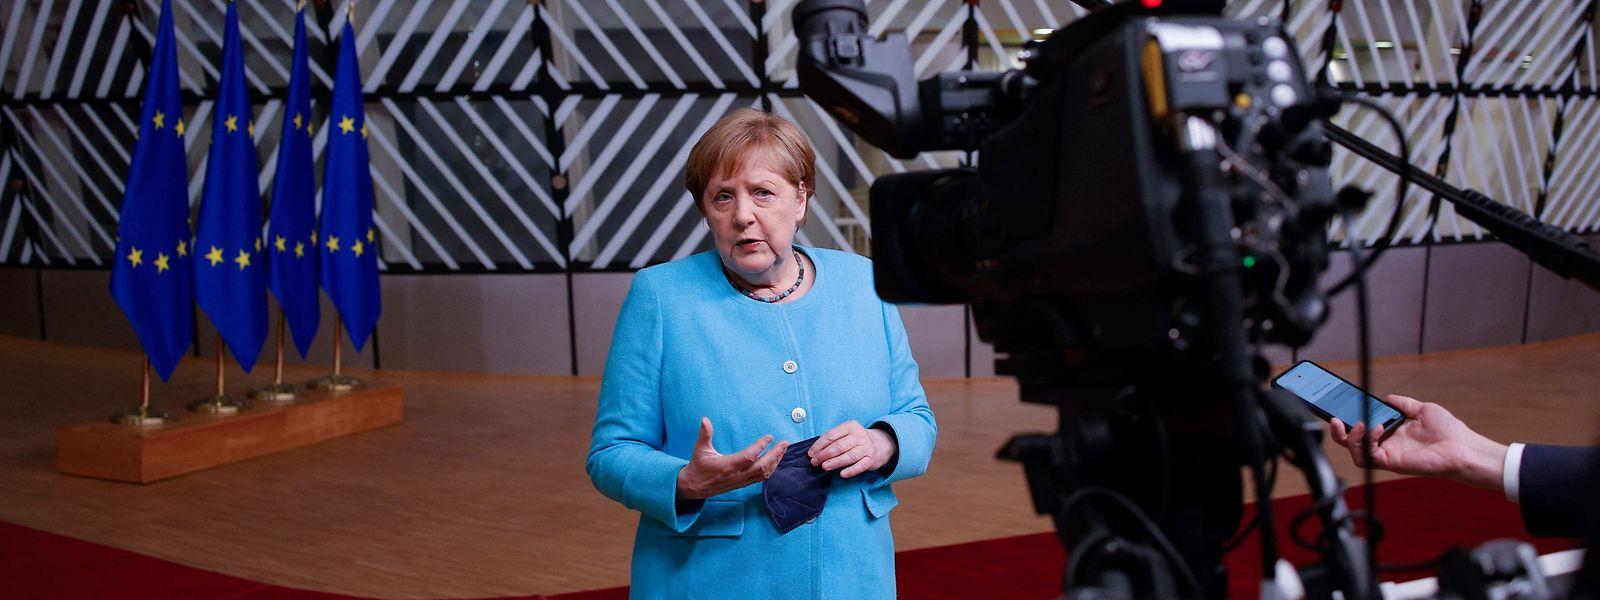 Merkel trat nach den Verhandlungen am Donnerstag vor die Kameras. Sie konnte sich mit ihren Vorschlägen nicht durchsetzen.